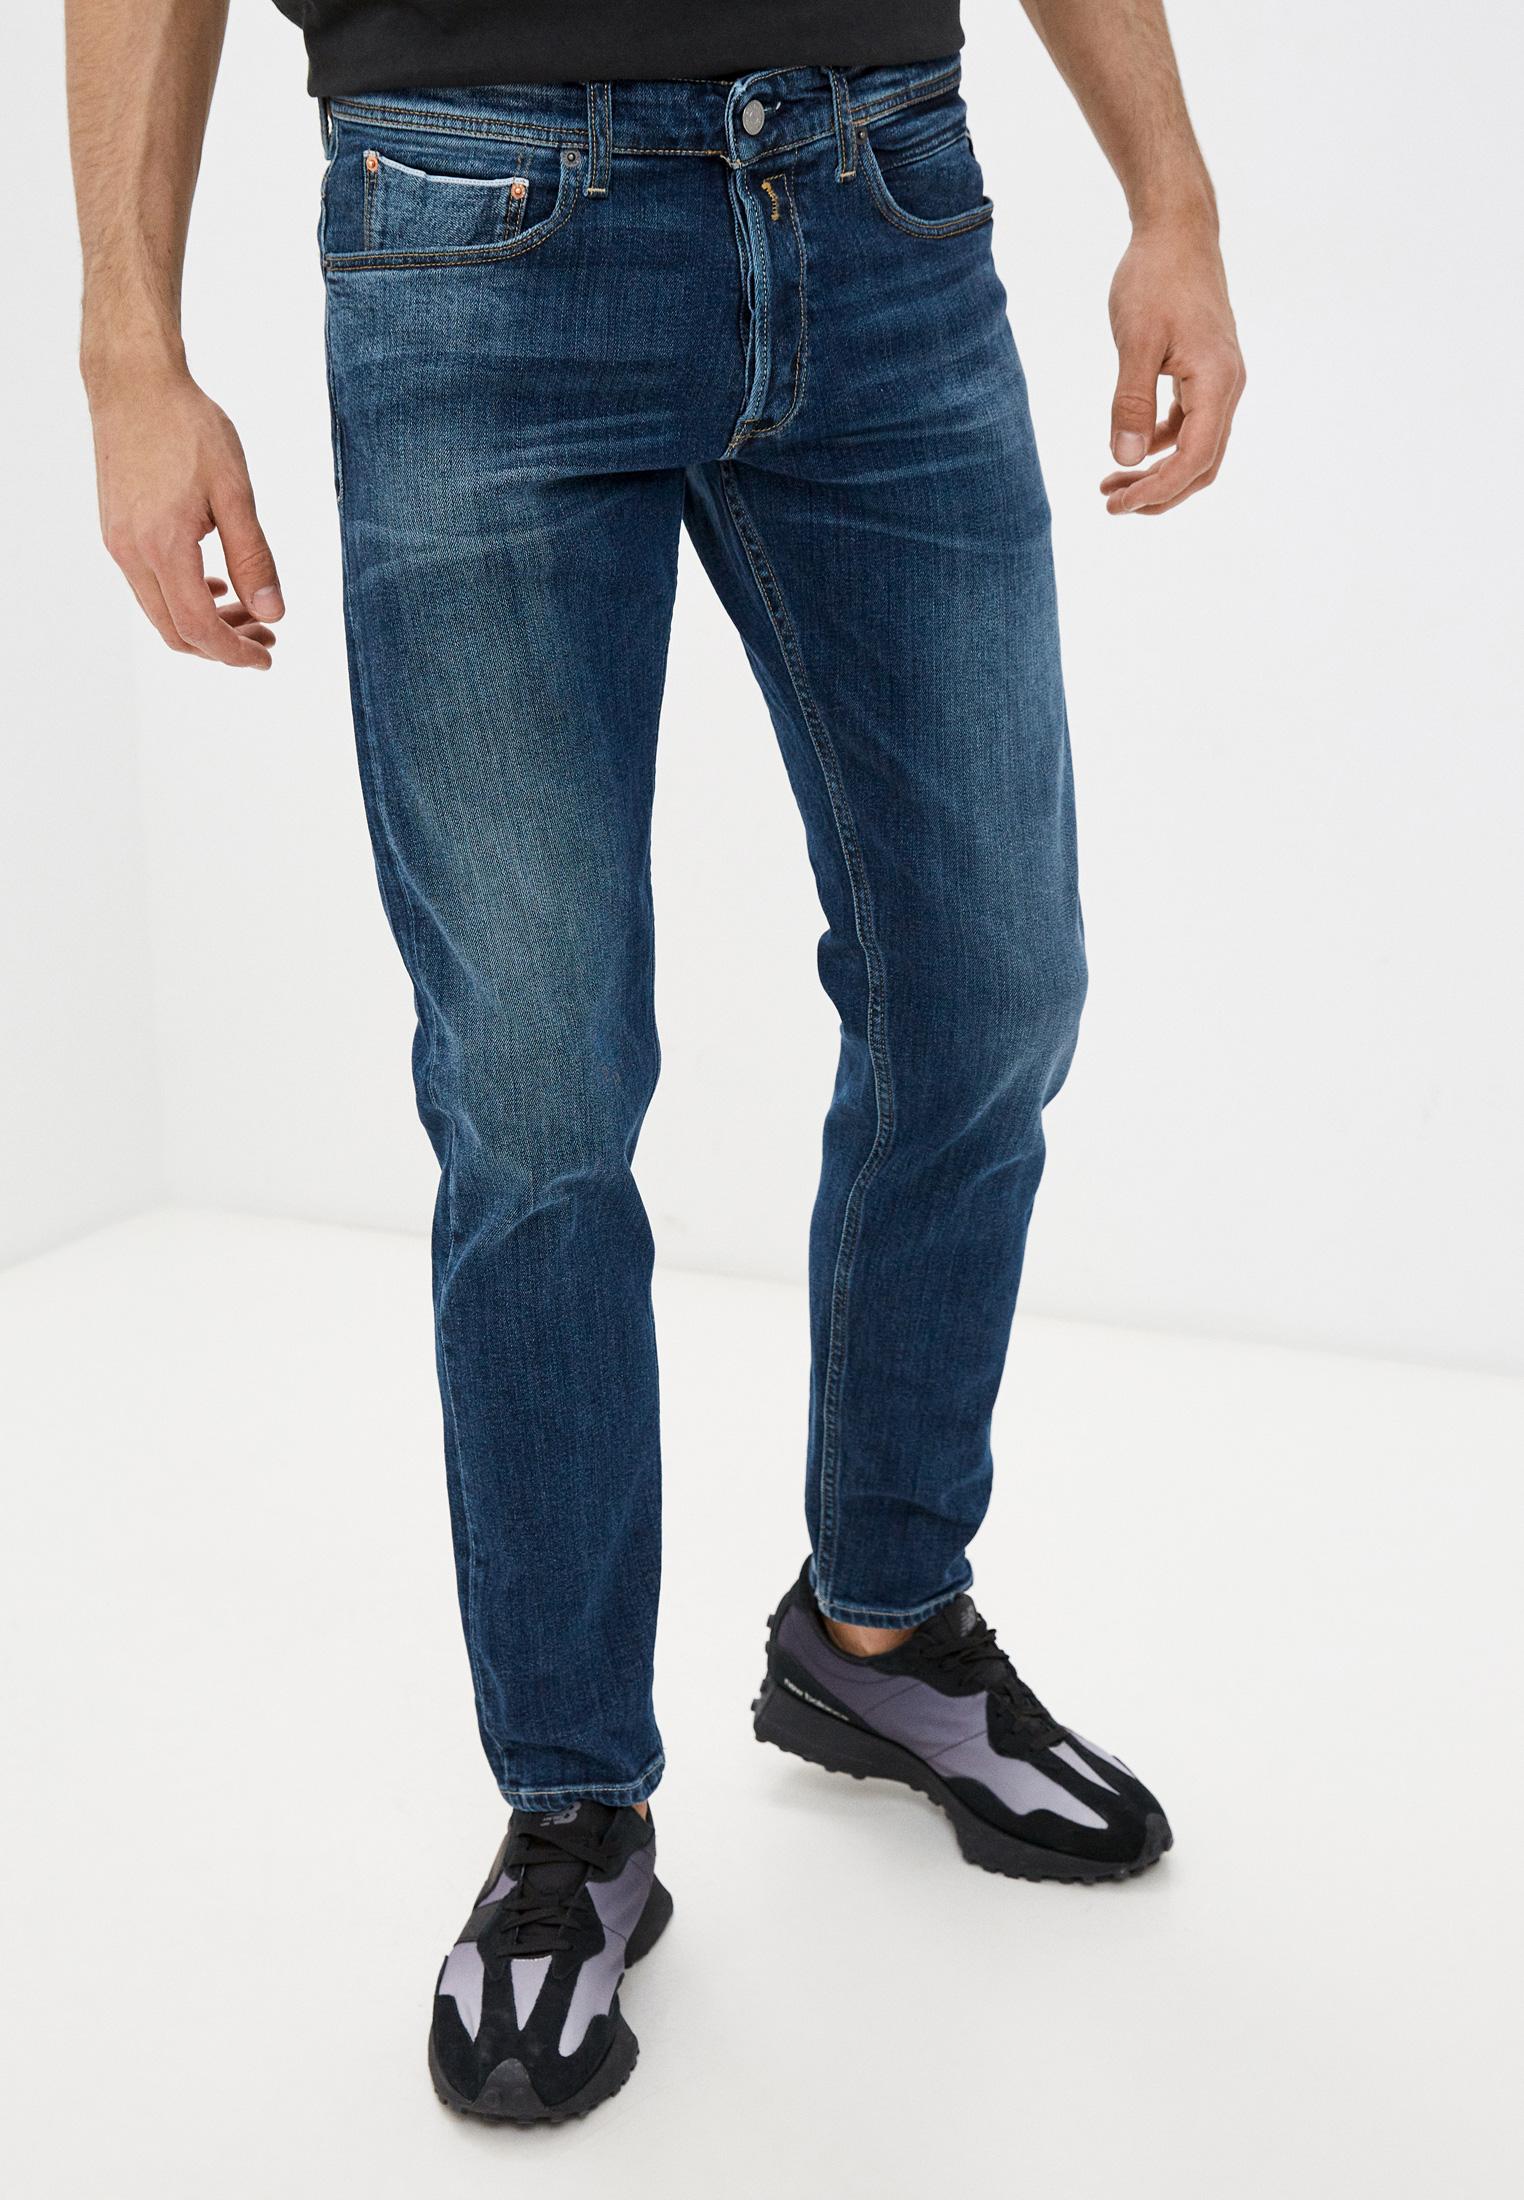 Зауженные джинсы Replay (Реплей) MCA946.000.253868